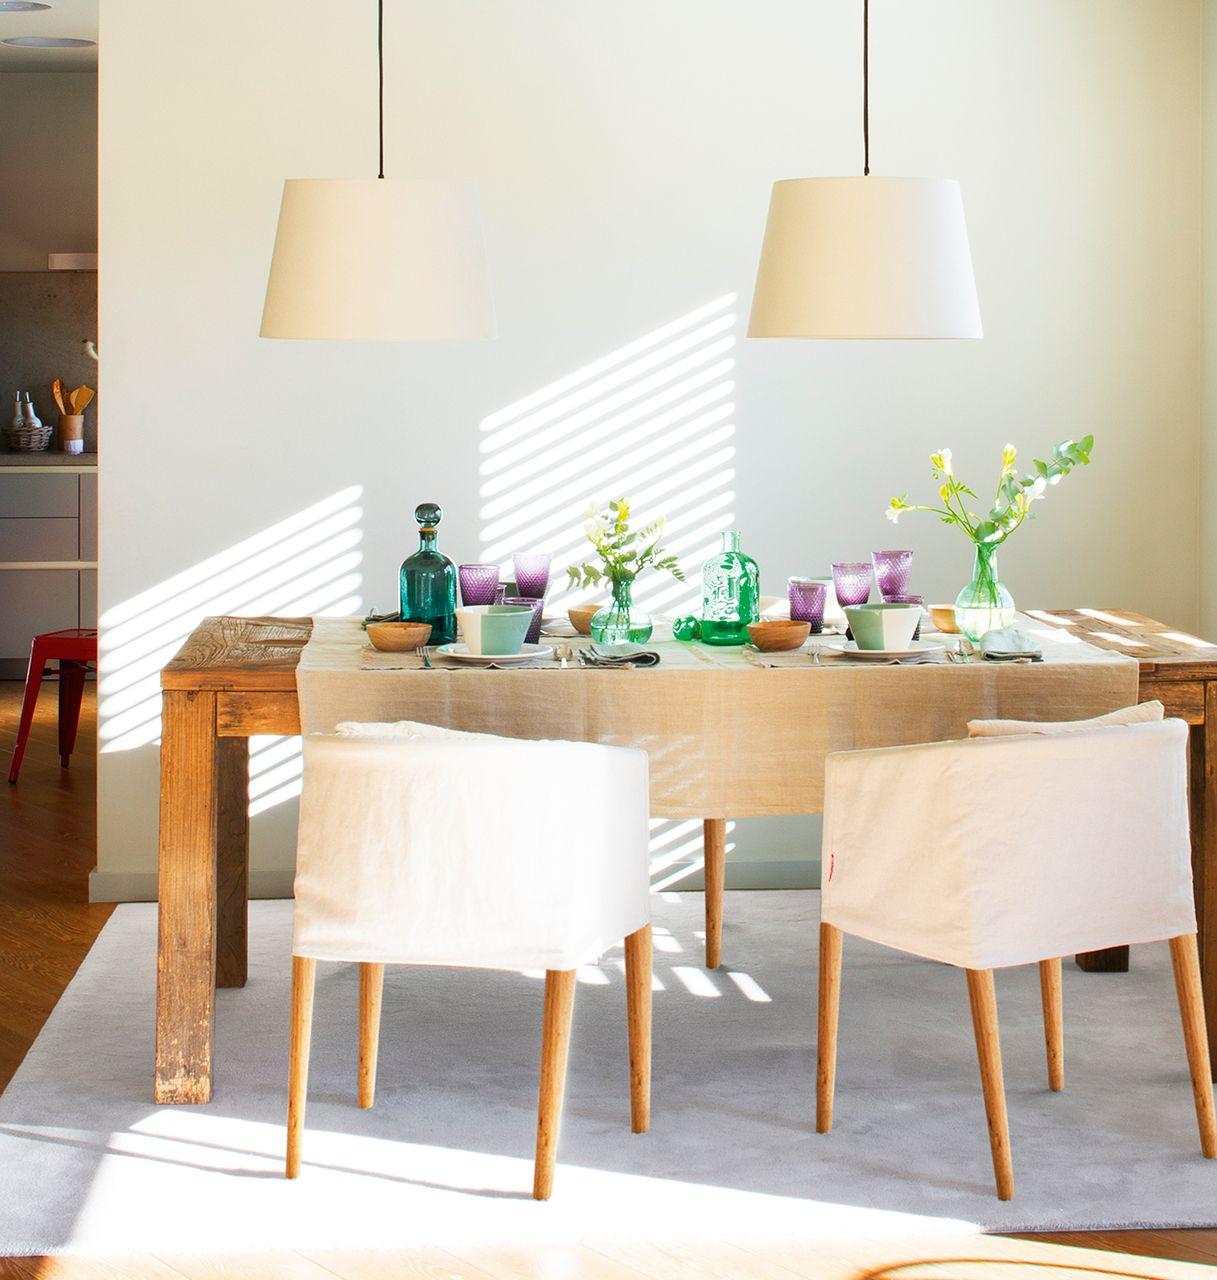 comedor mesa de becara manteles de lino de filocolore y boles de el corte ingls